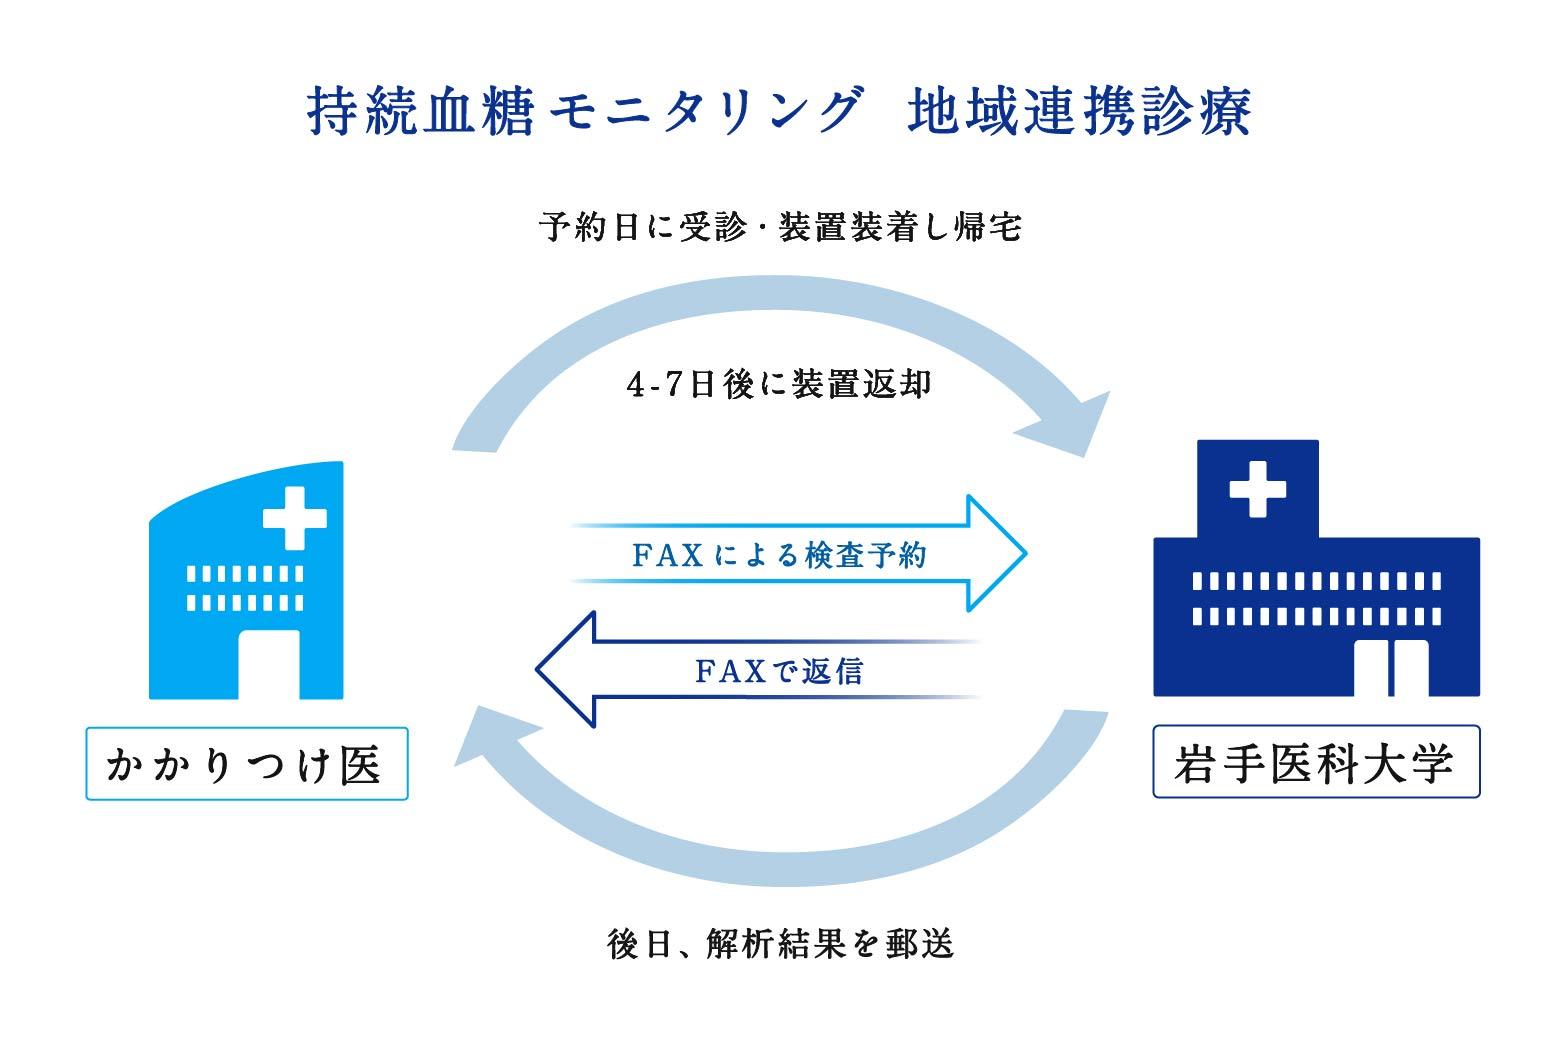 持続血糖モニタリングの図